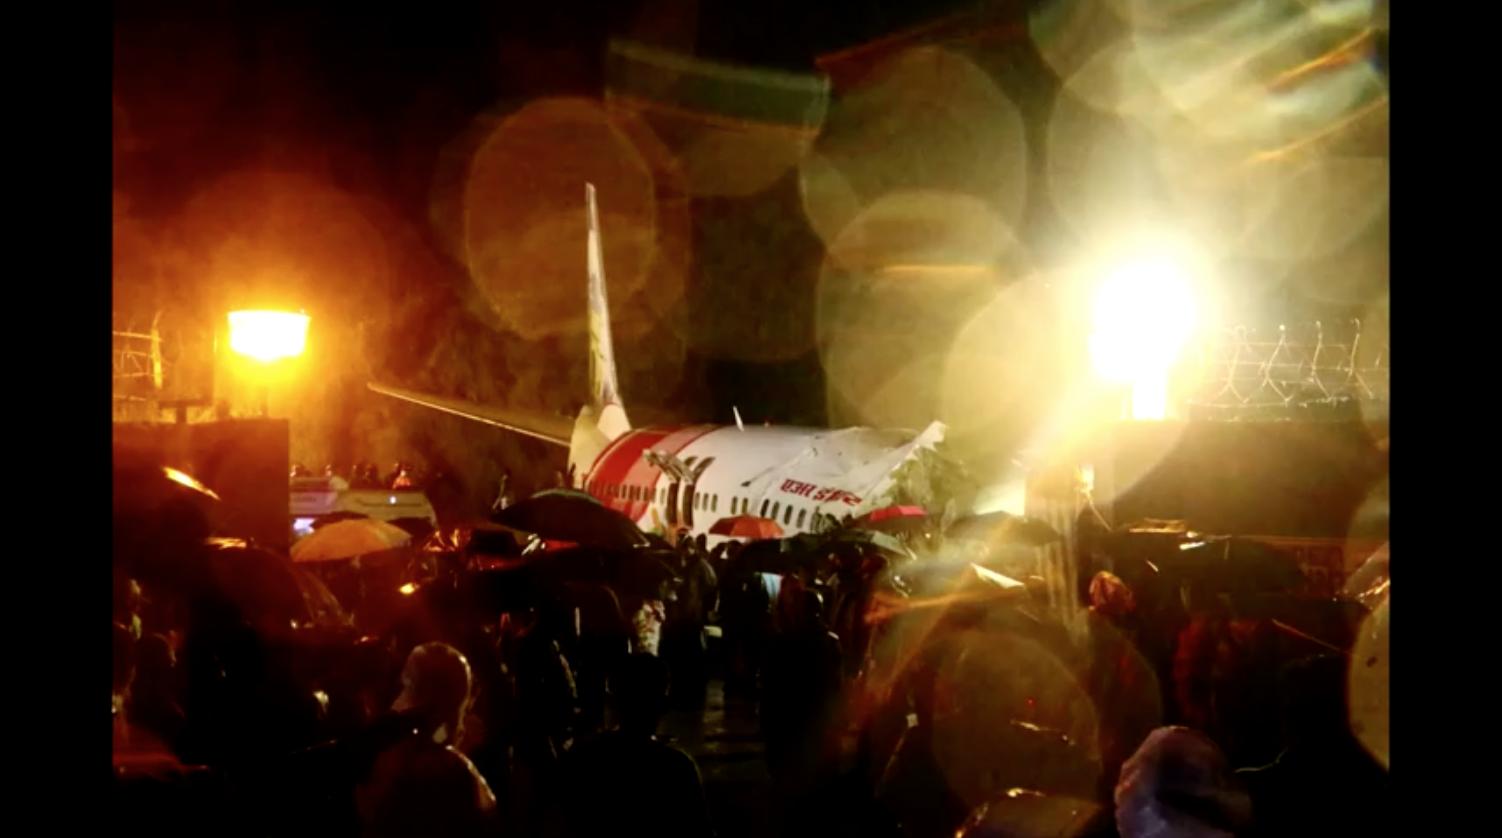 Ít nhất 15 người thiệt mạng khi chuyến bay hồi hương COVID-19 của Ấn Độ gặp nạn khi hạ cánh